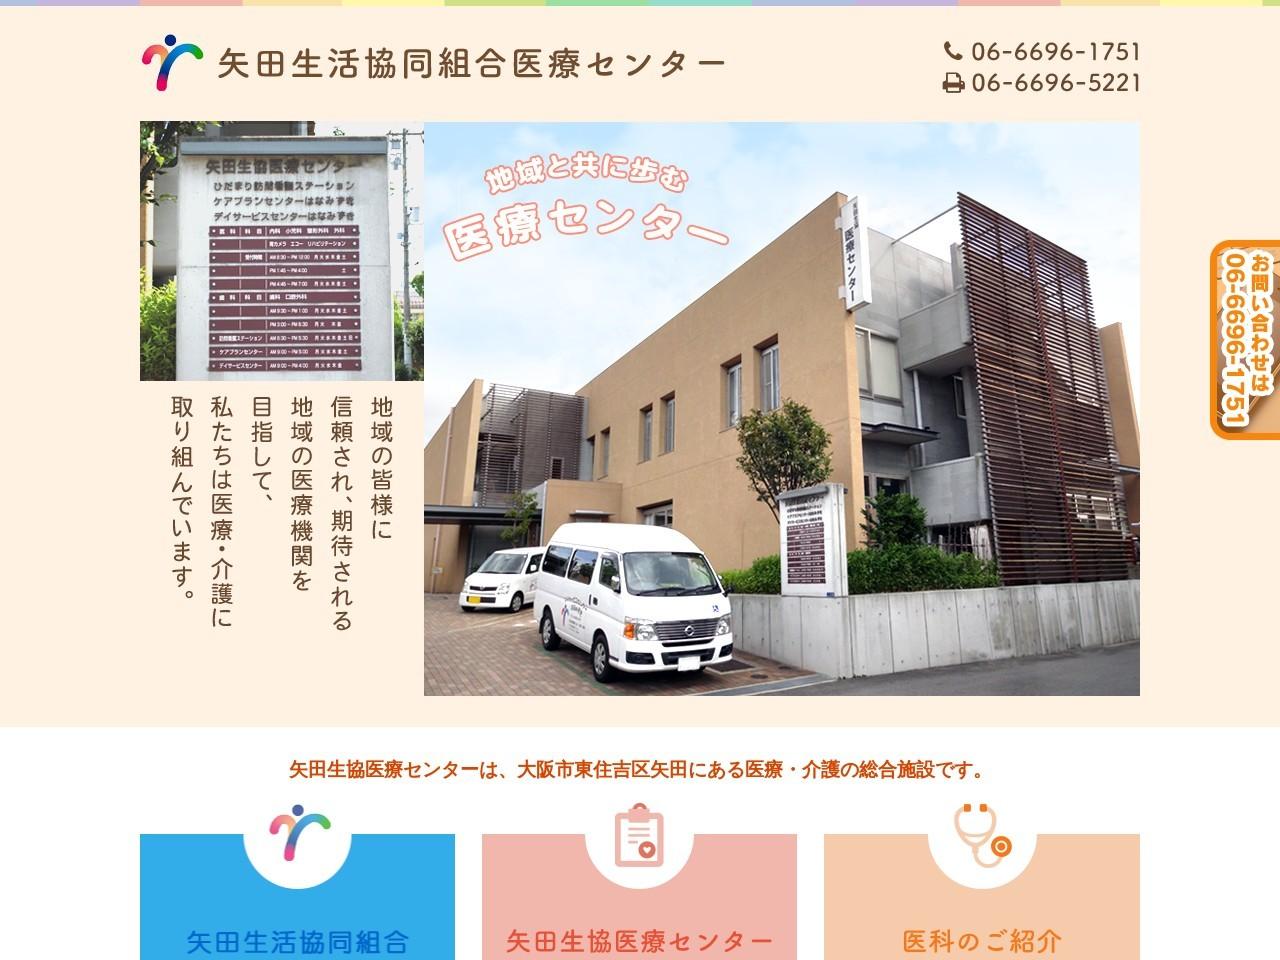 矢田生活協同組合医療センター (大阪府大阪市東住吉区)